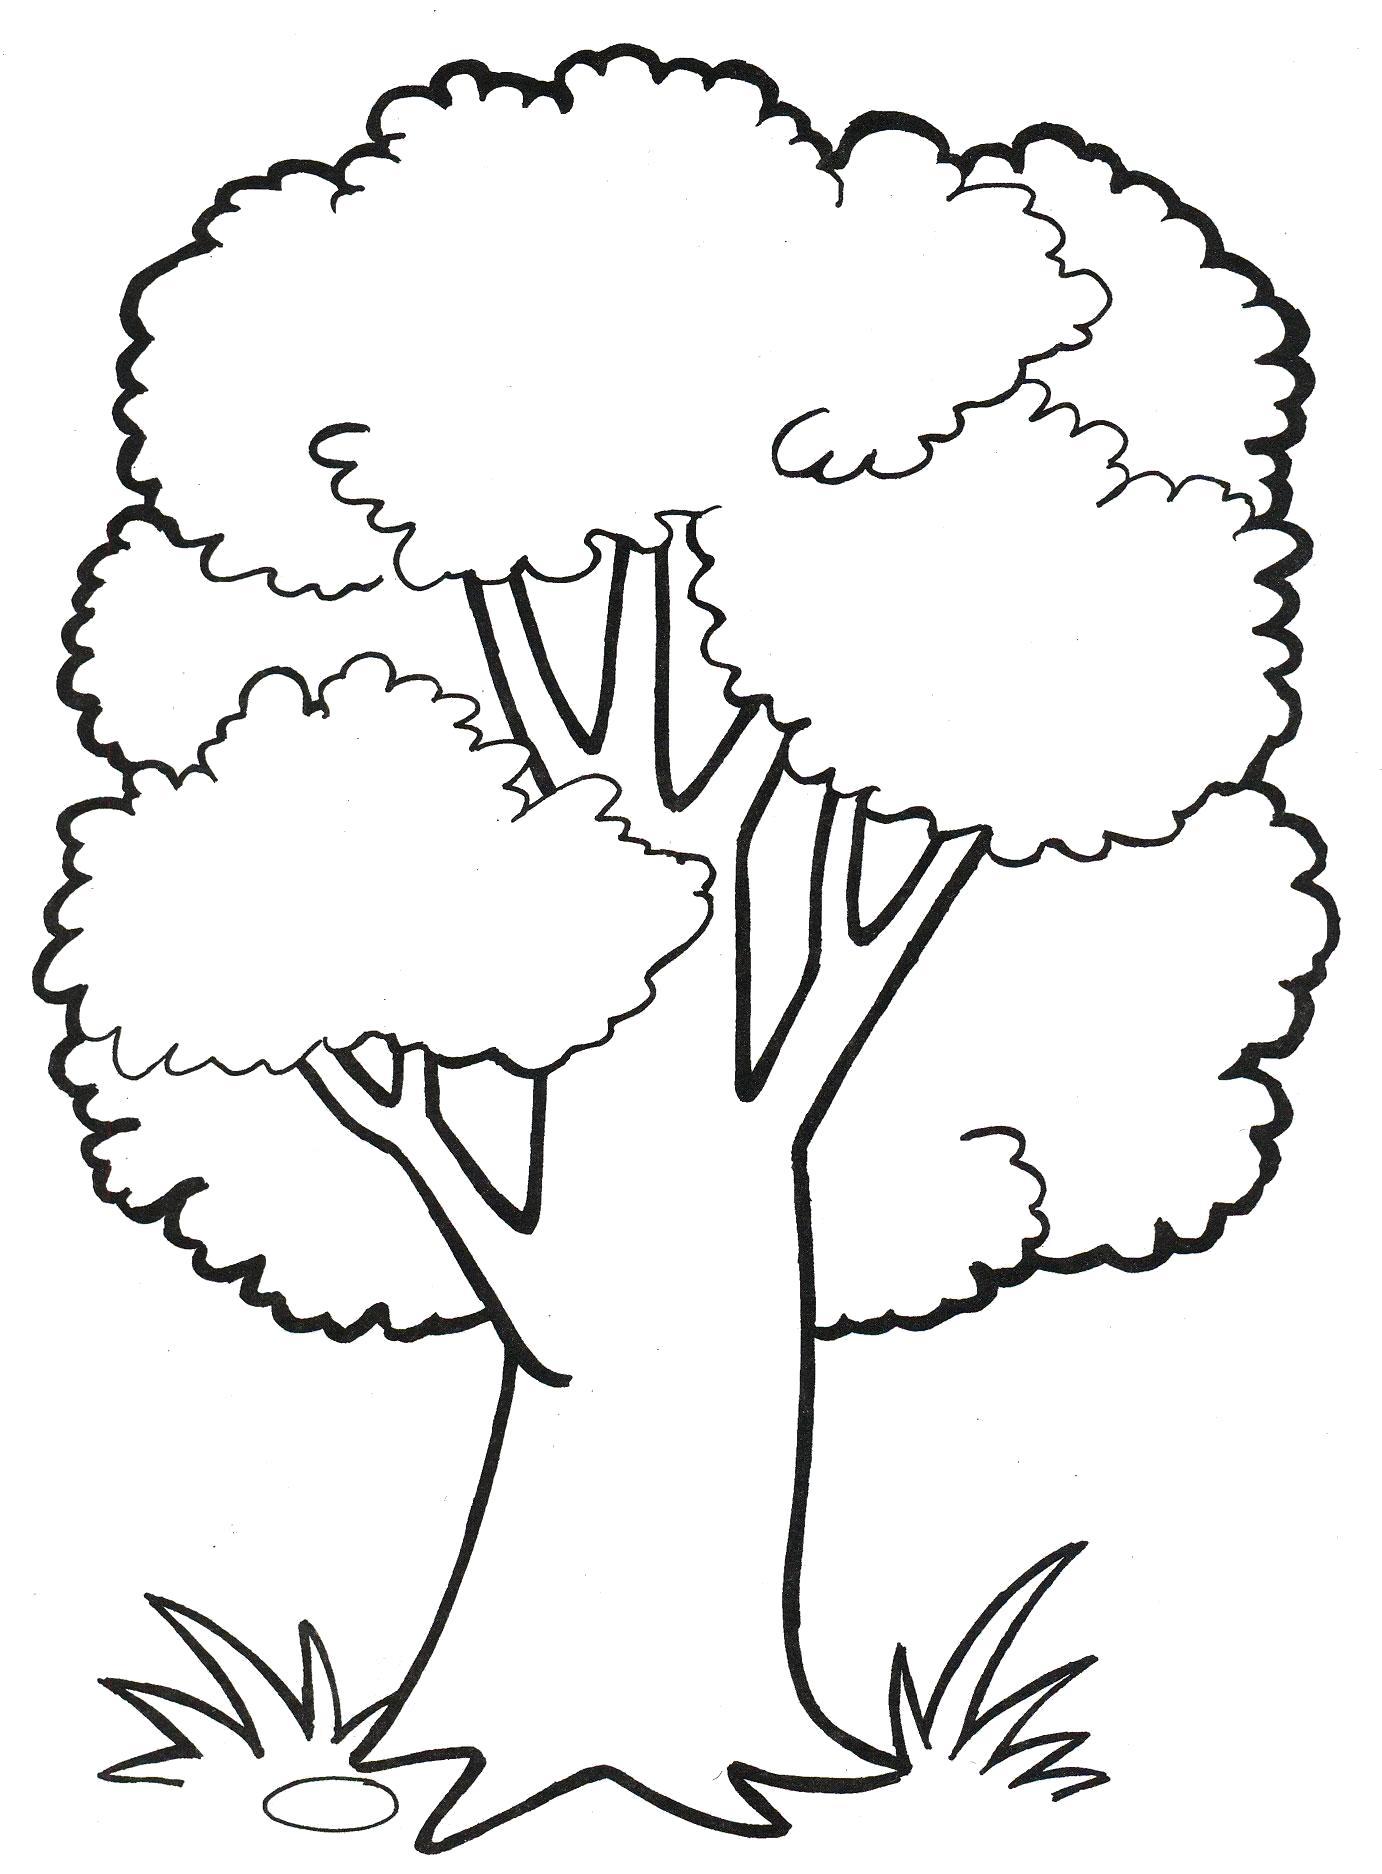 Раскраска  пышное дерево, дерево большое. Скачать деревья.  Распечатать деревья